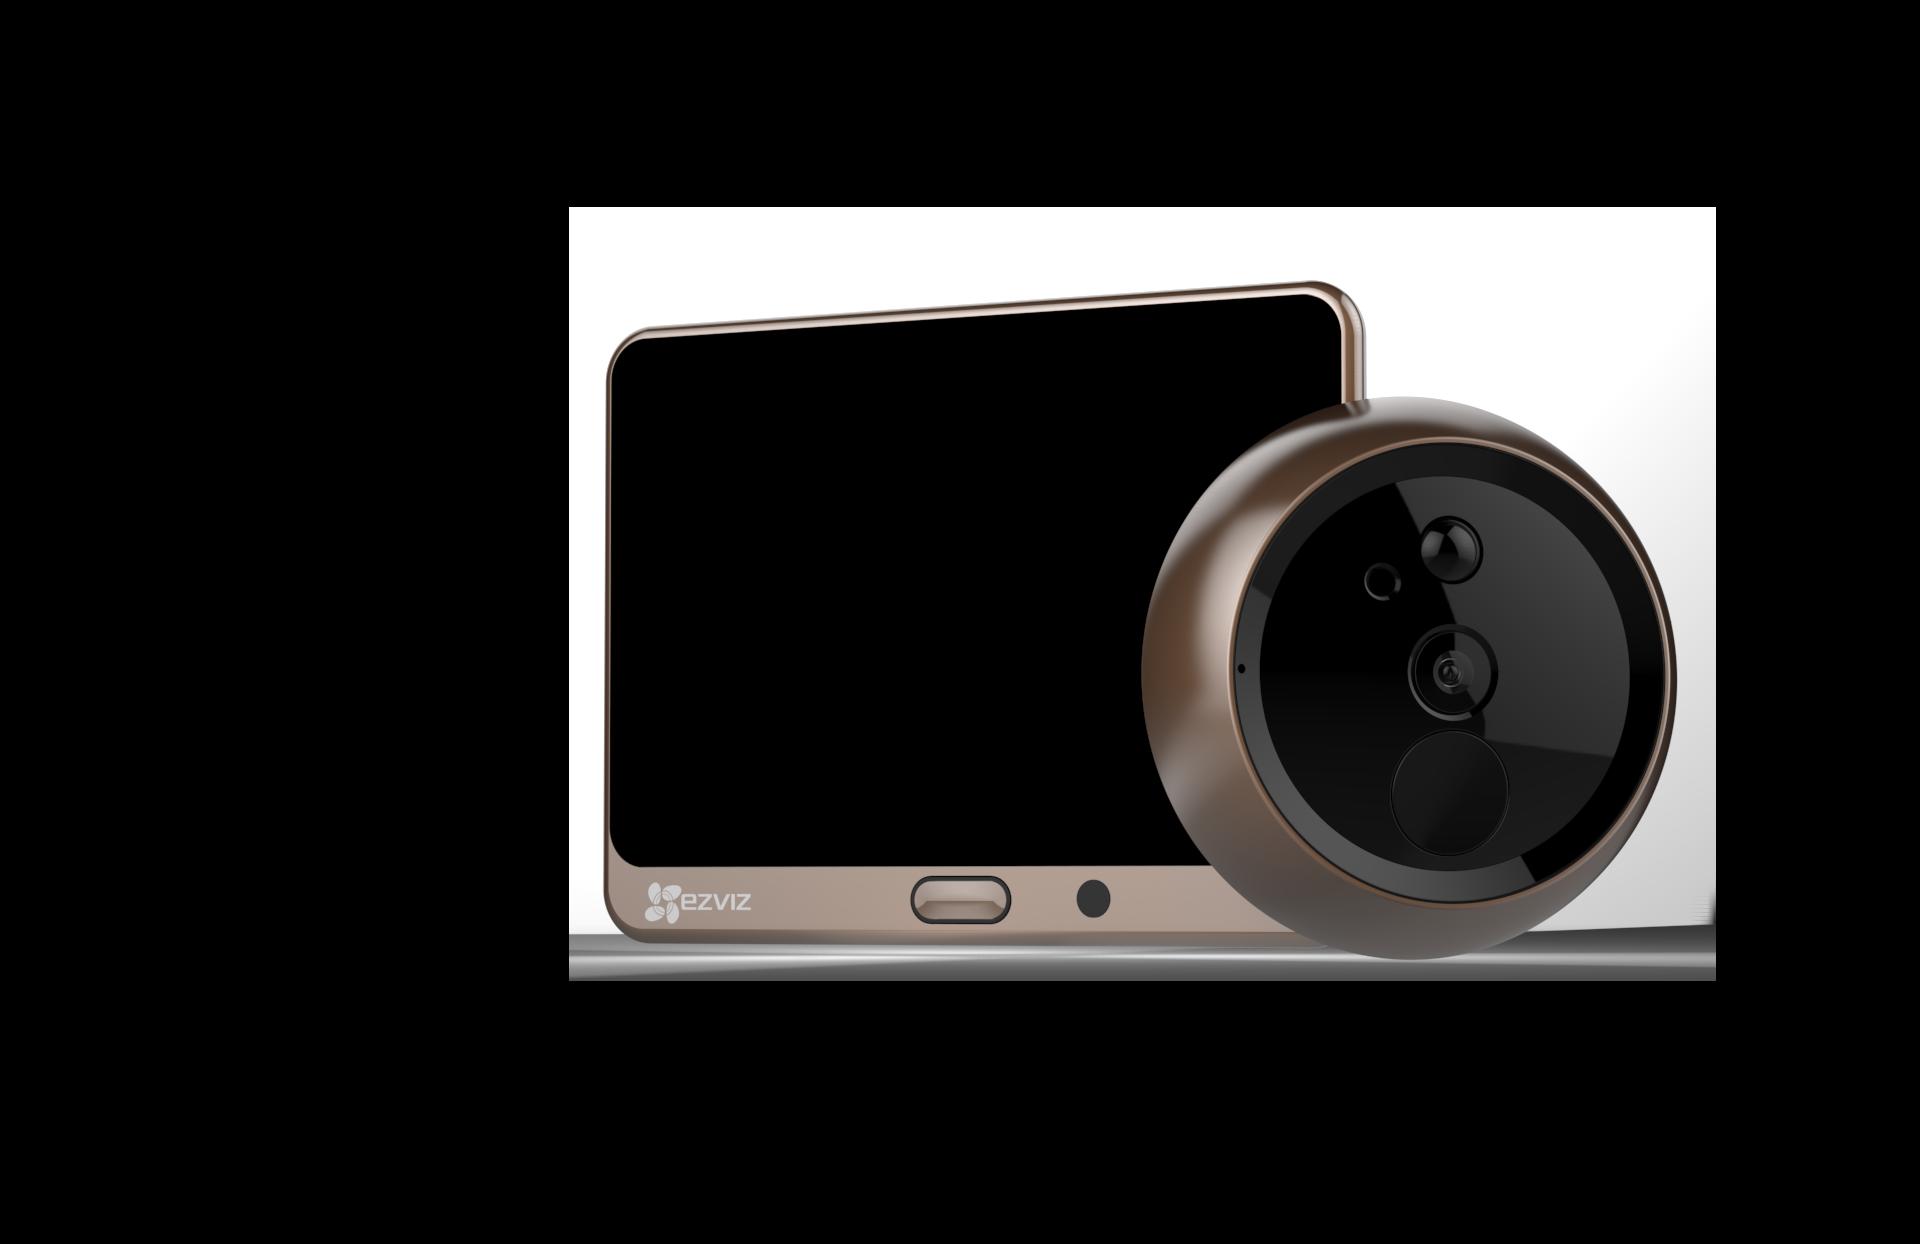 Ezviz S Lookout Smart Door Viewer Turns A Peephole Into